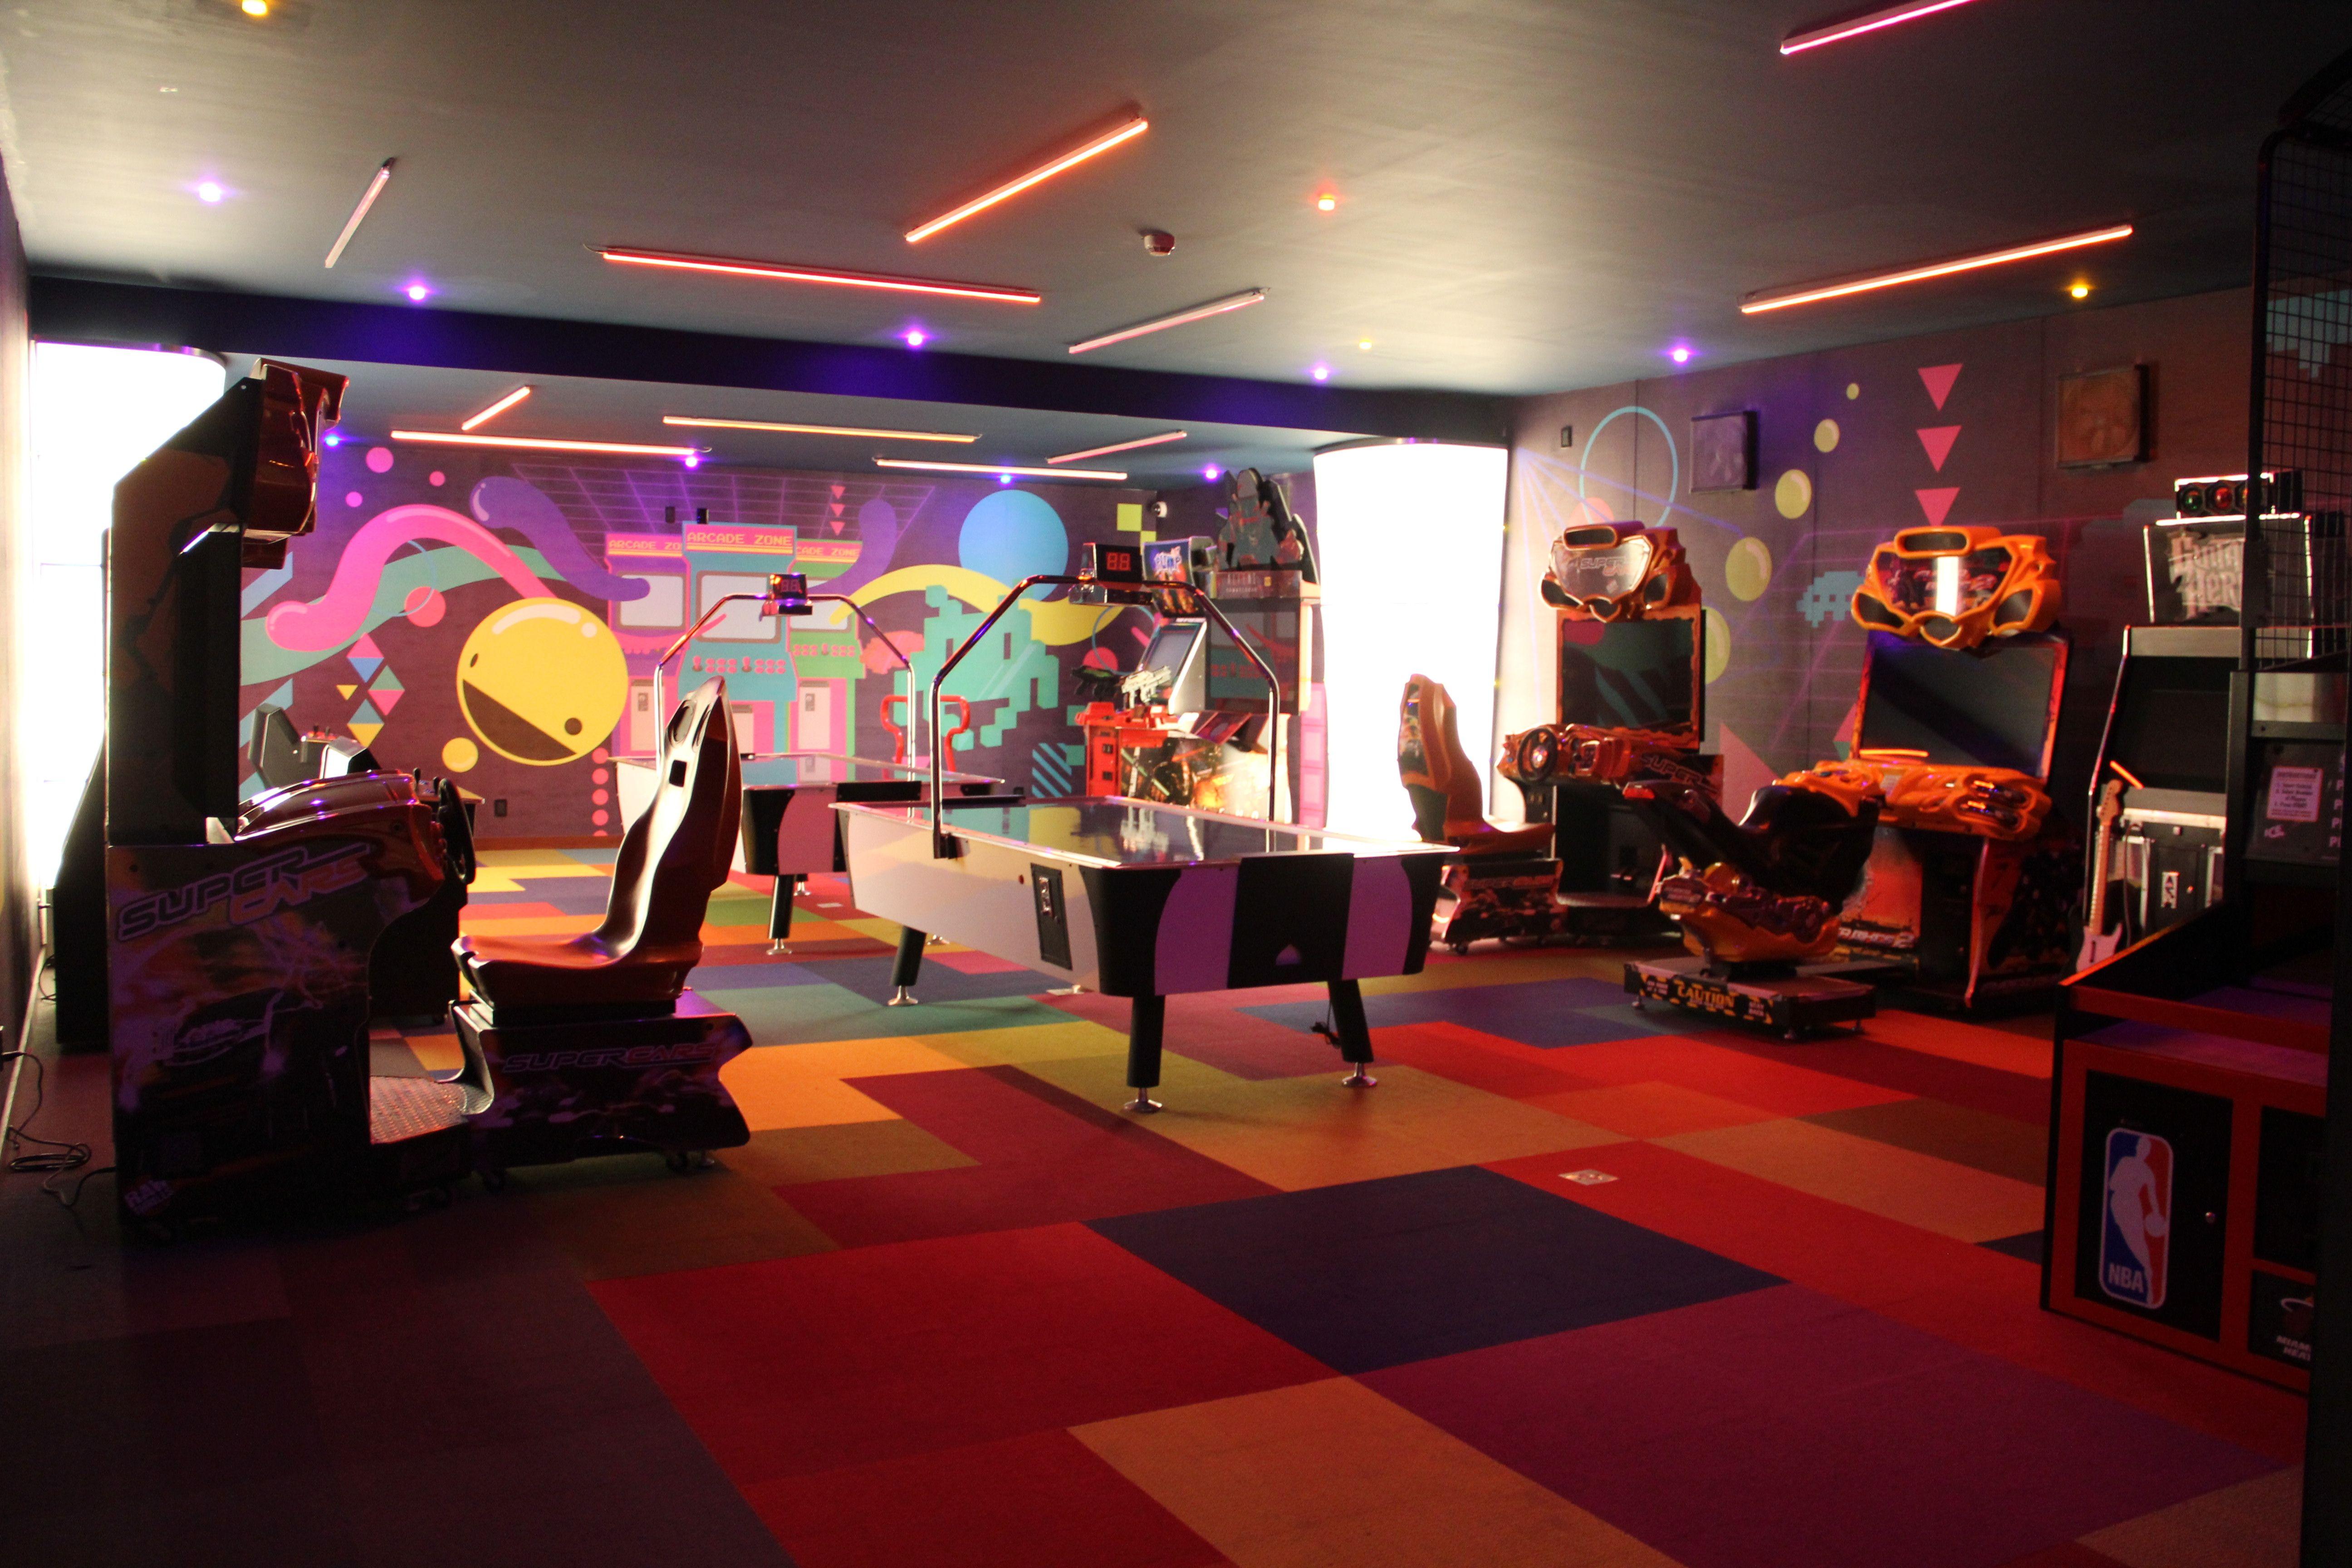 Sala De Debate Tv Futura ~ sala de juegos para adolescentes en casa  Buscar con Google  Sala de